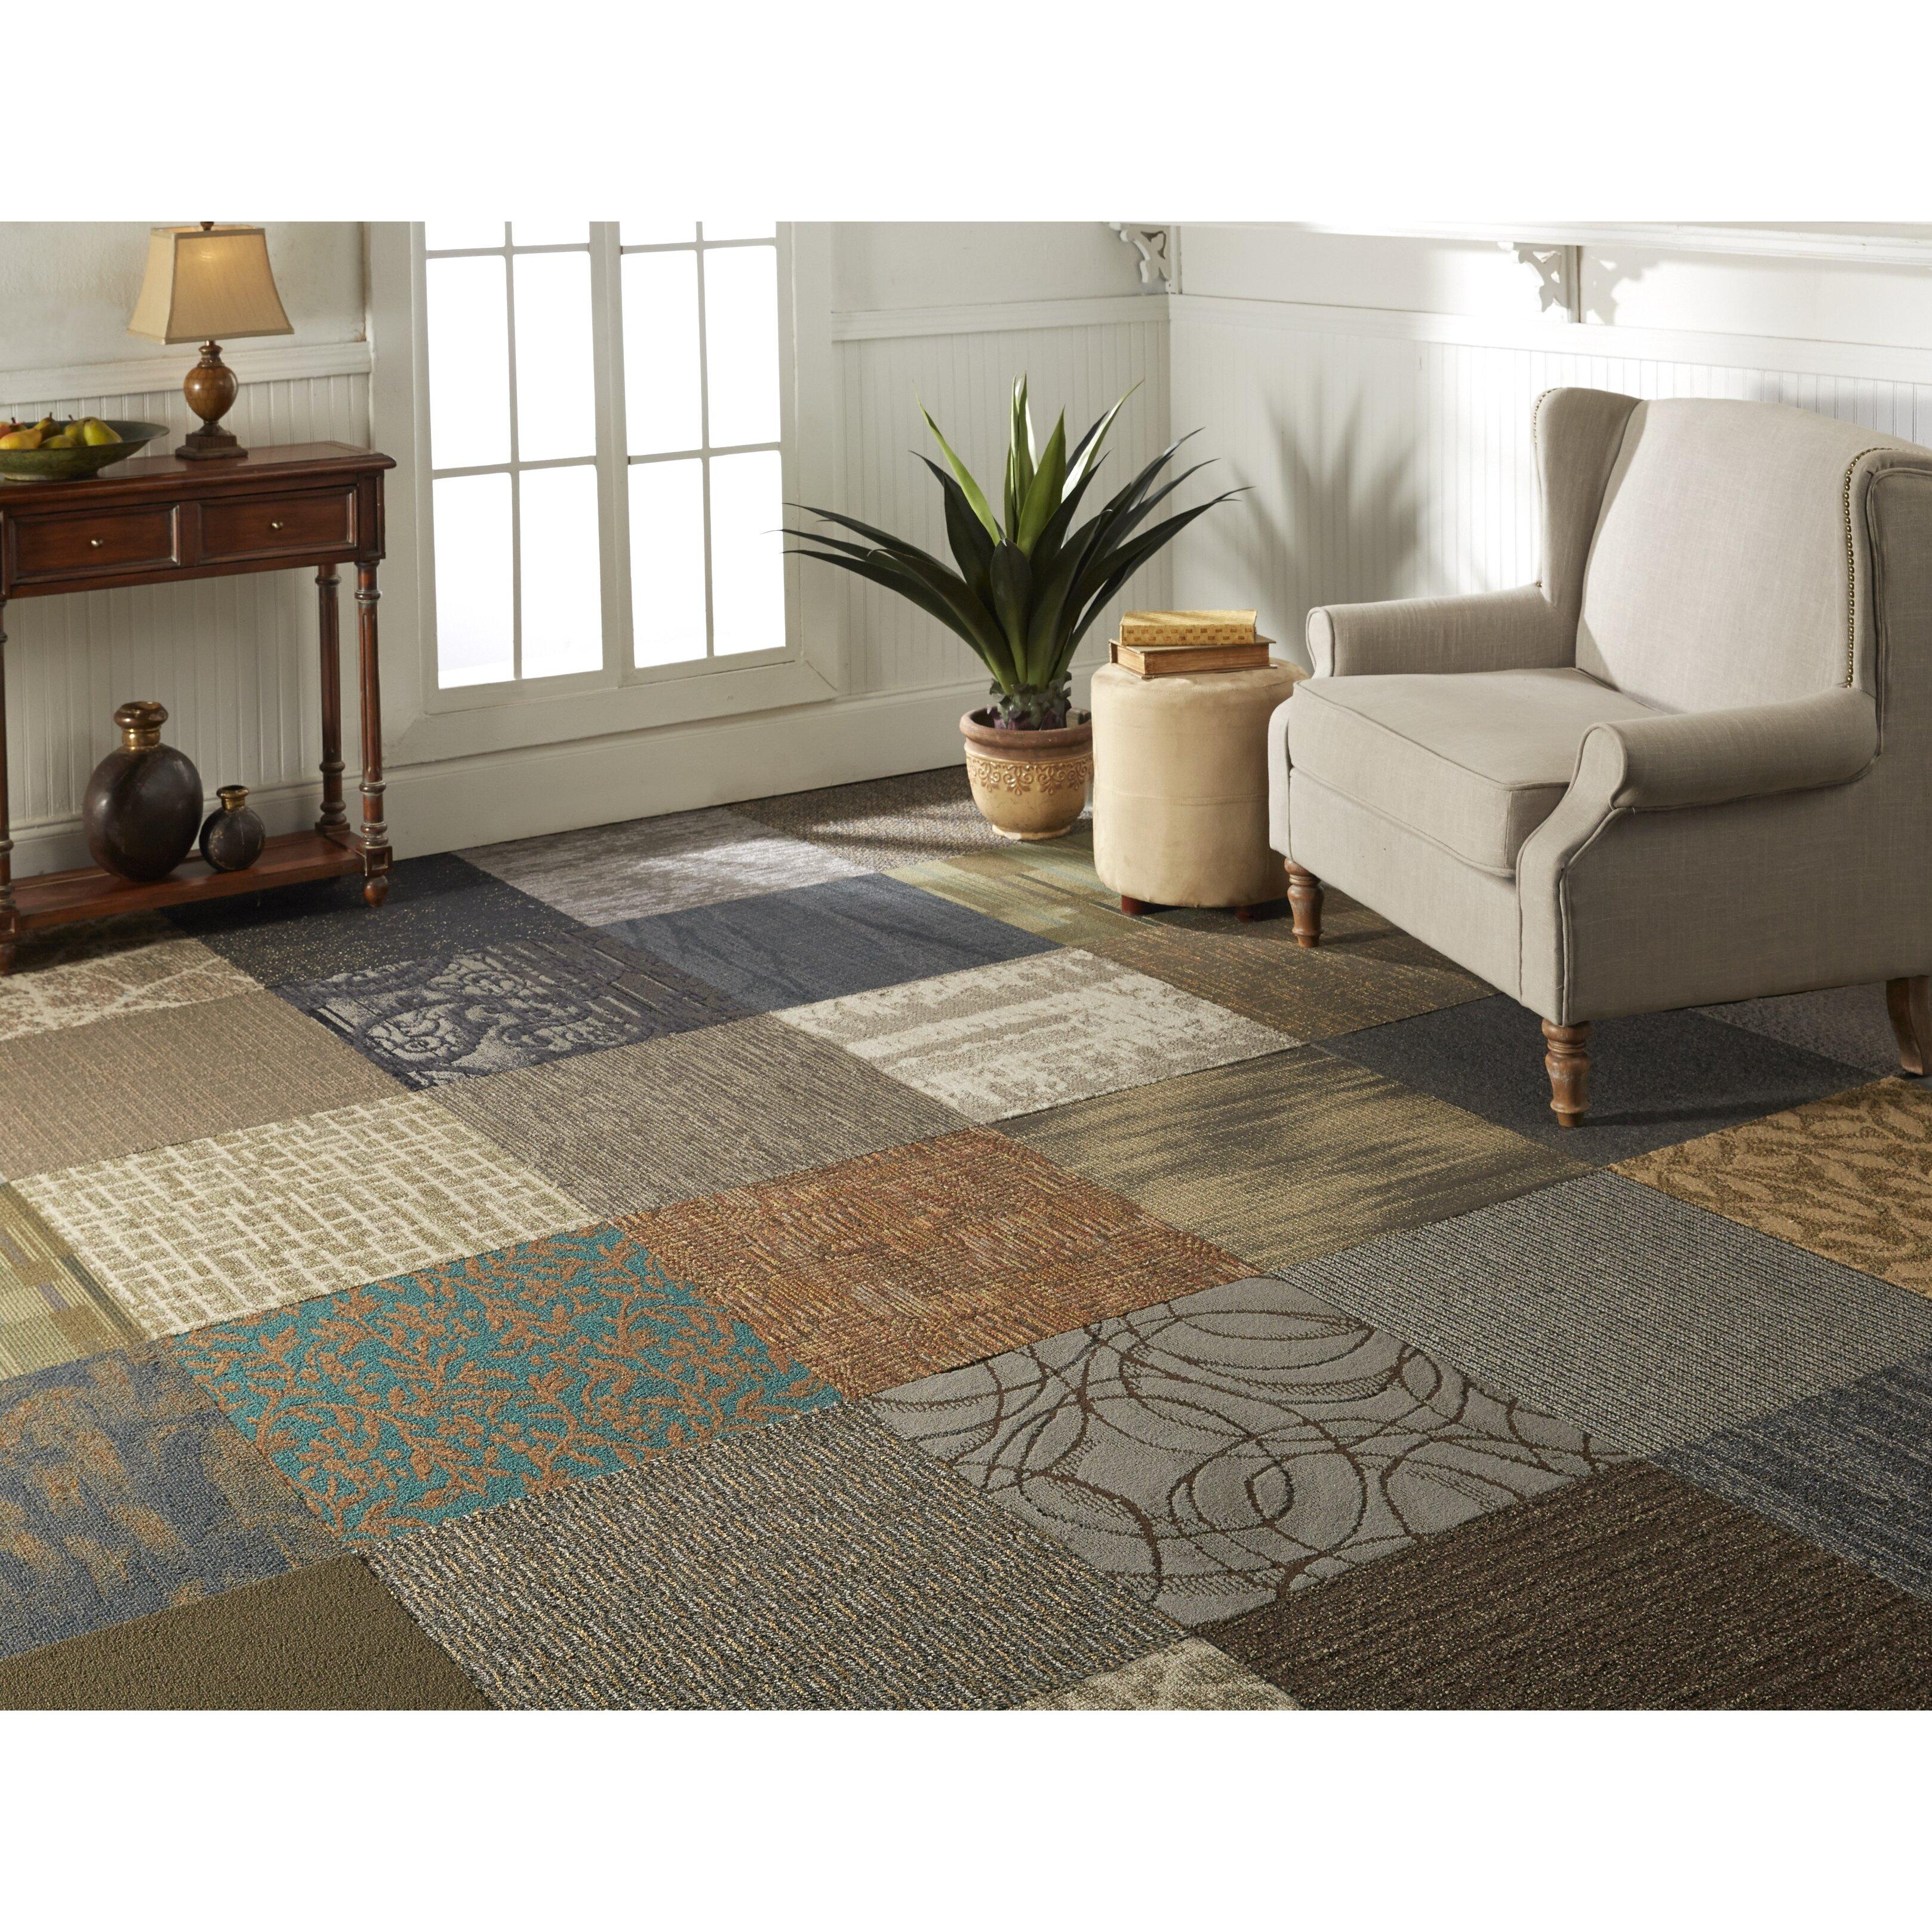 2x2 carpet tile calculator carpet vidalondon nance industries orted l and stick 24 x 24 carpet tile baanklon Image collections